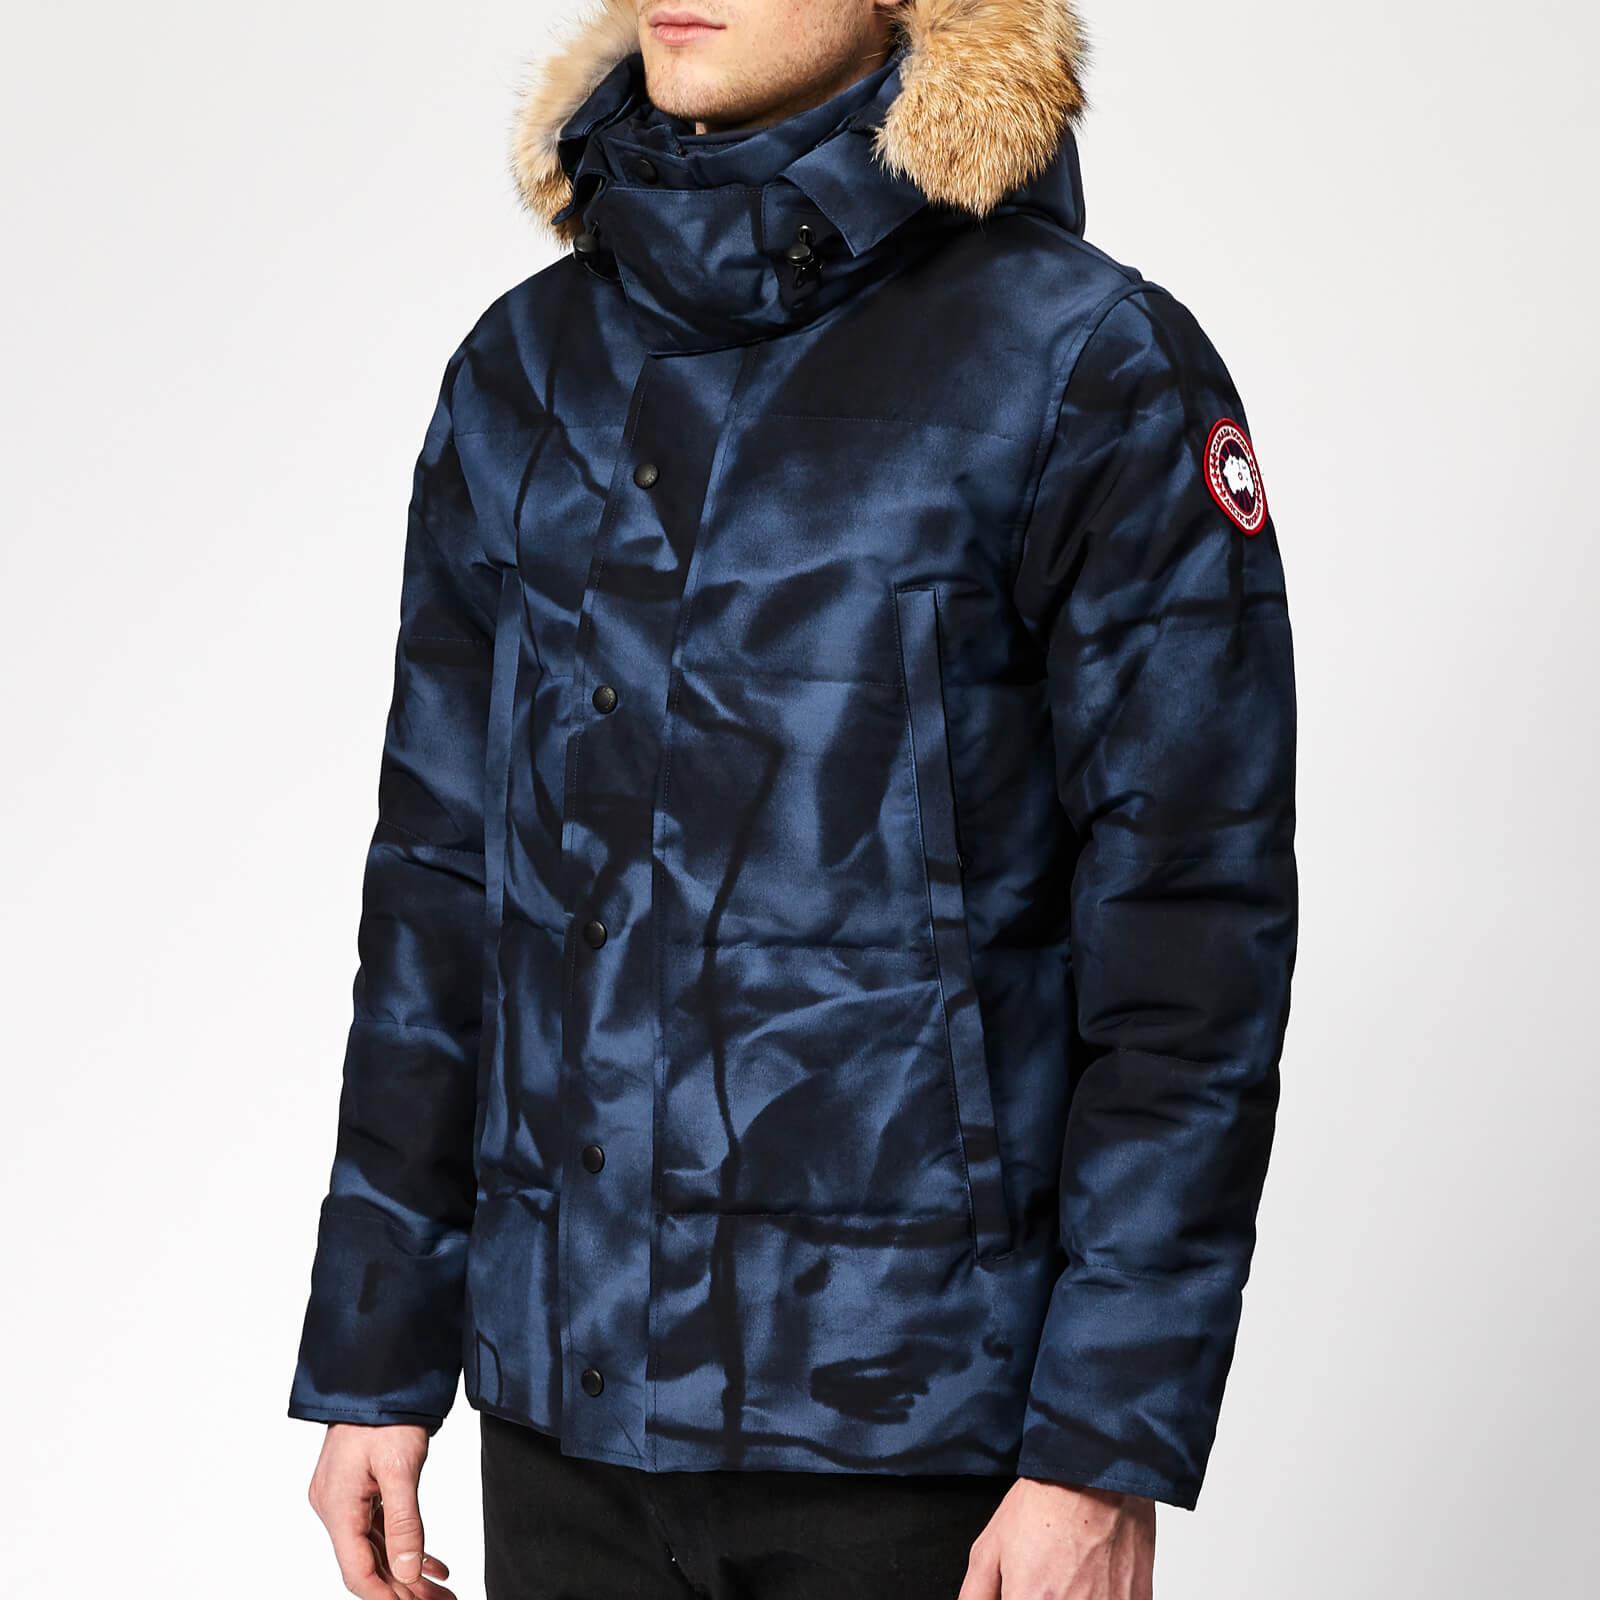 1647af4ef92 Canada Goose Men's Wyndham Parka Jacket - Blue Abstract Camo - Free UK  Delivery over £50